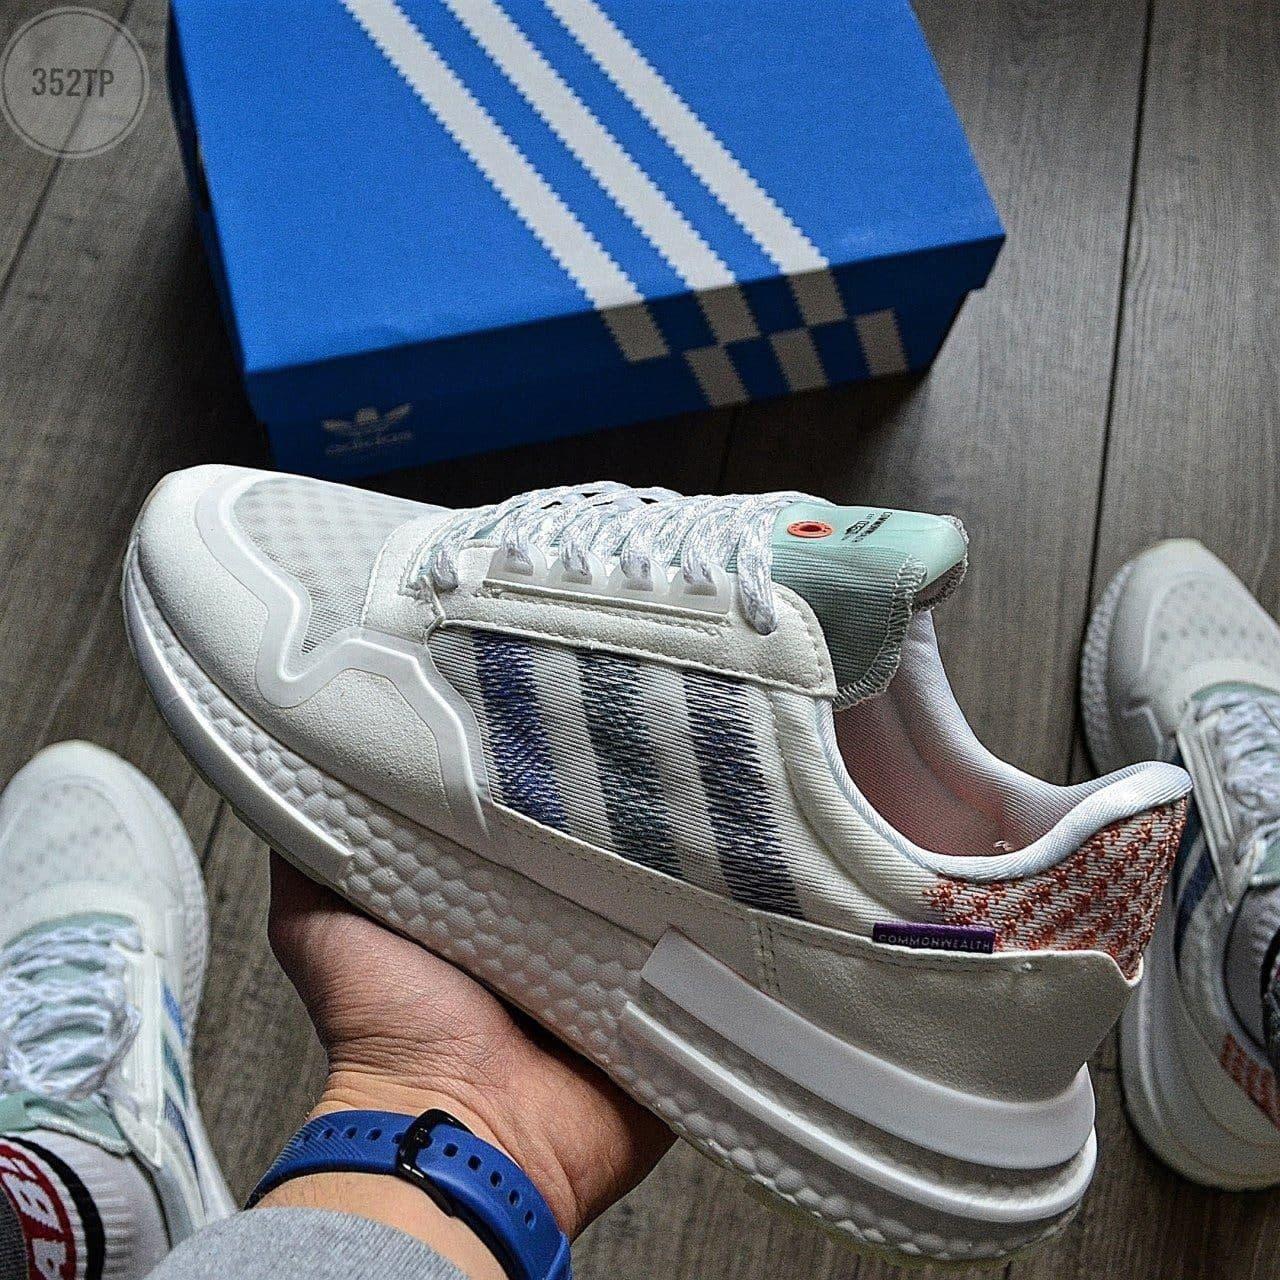 Мужские кроссовки Adidas ZХ 500 RМ (бежевые) молодежная стильная обувь 352TP